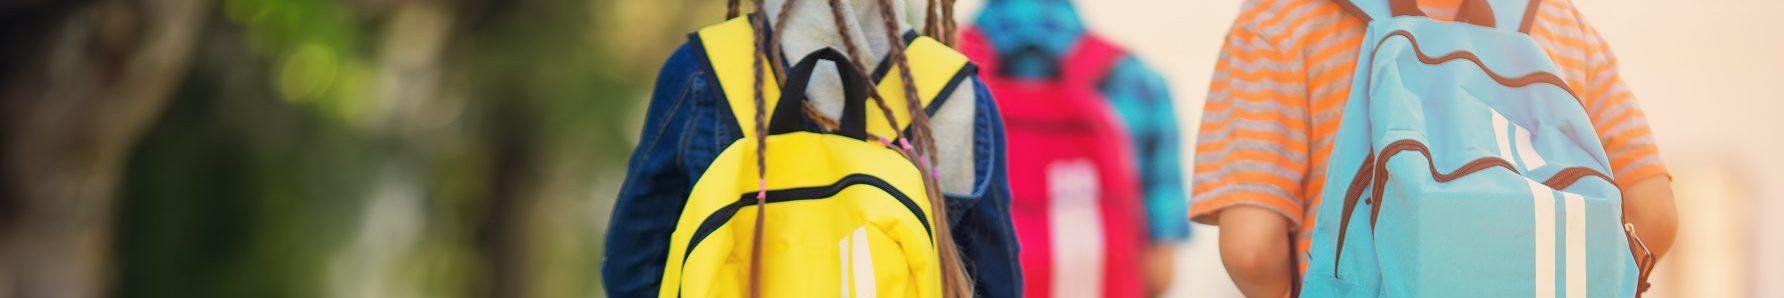 Jaka torba do szkoły dla zdrowego kręgosłupa